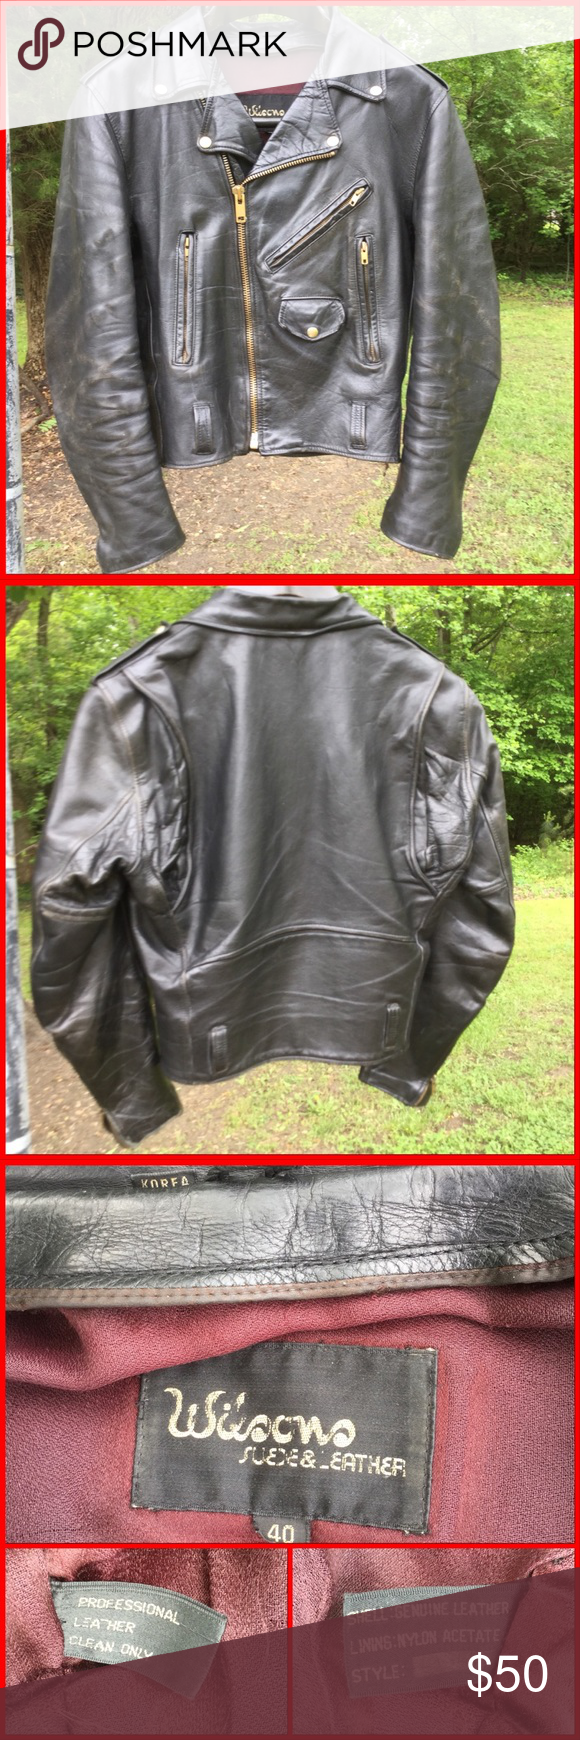 Vtg. Leather Motorcycle Jacket Leather motorcycle jacket